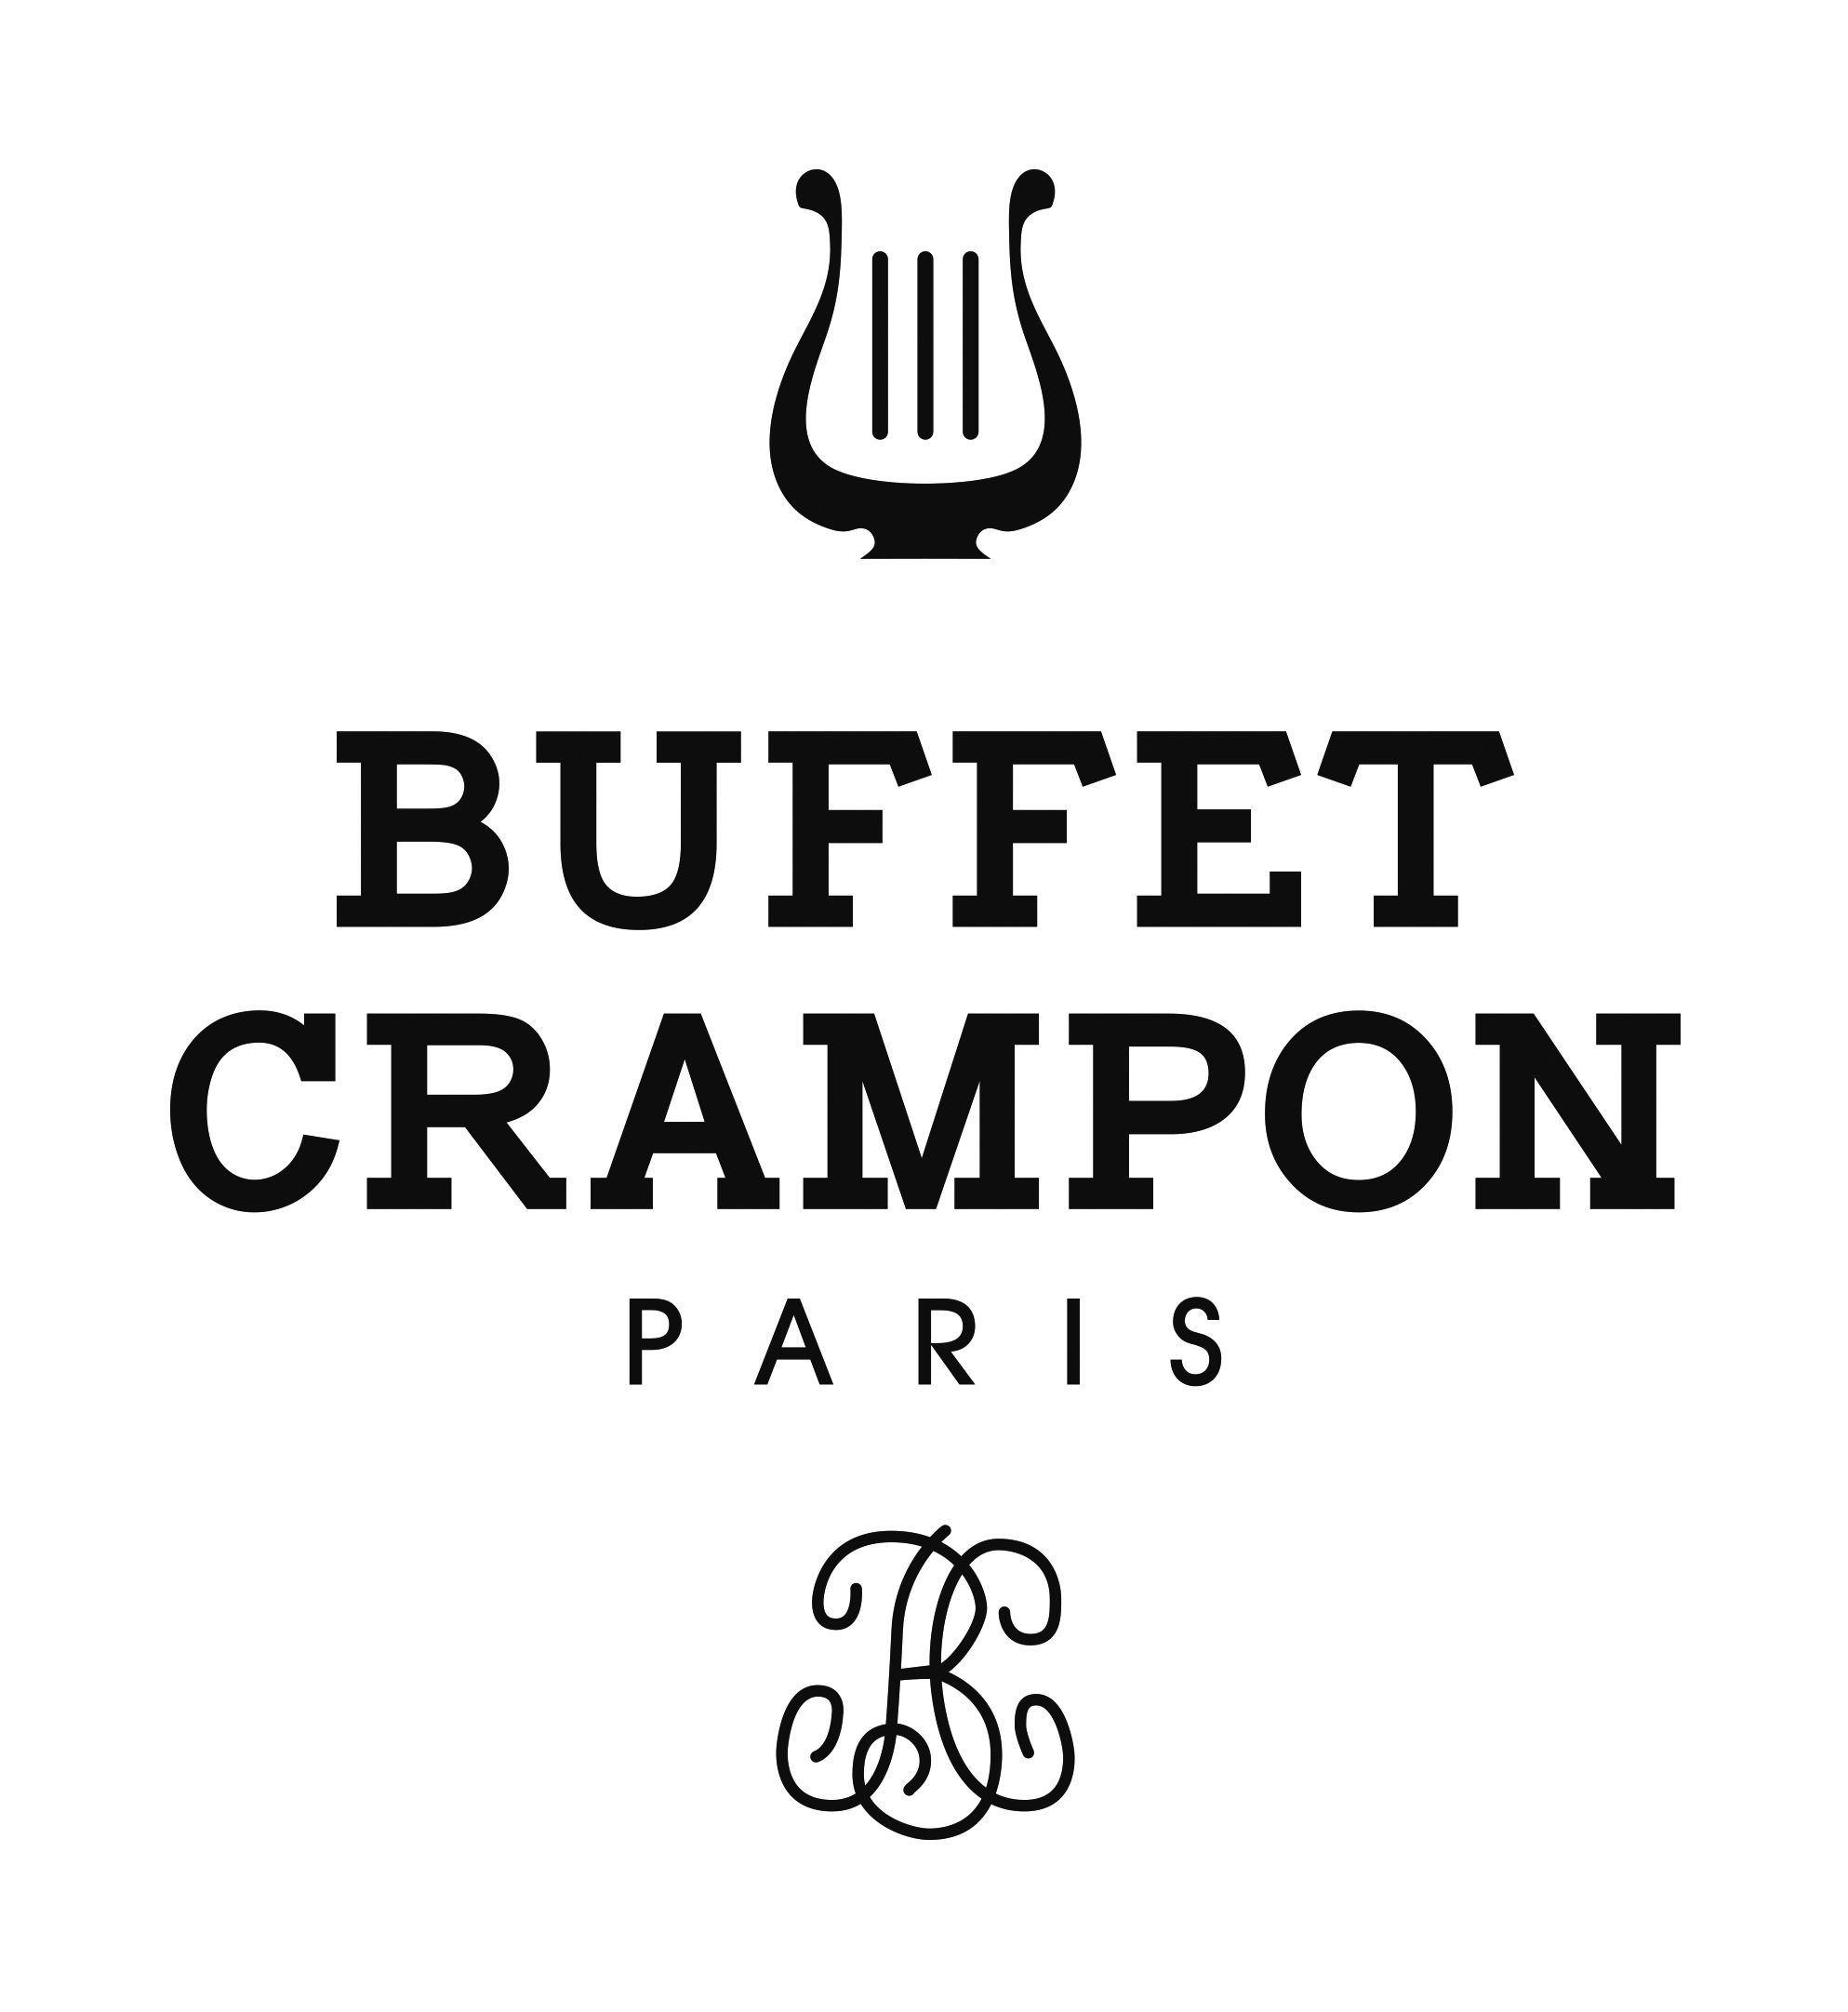 〈ビュッフェ・クランポン〉ロゴ